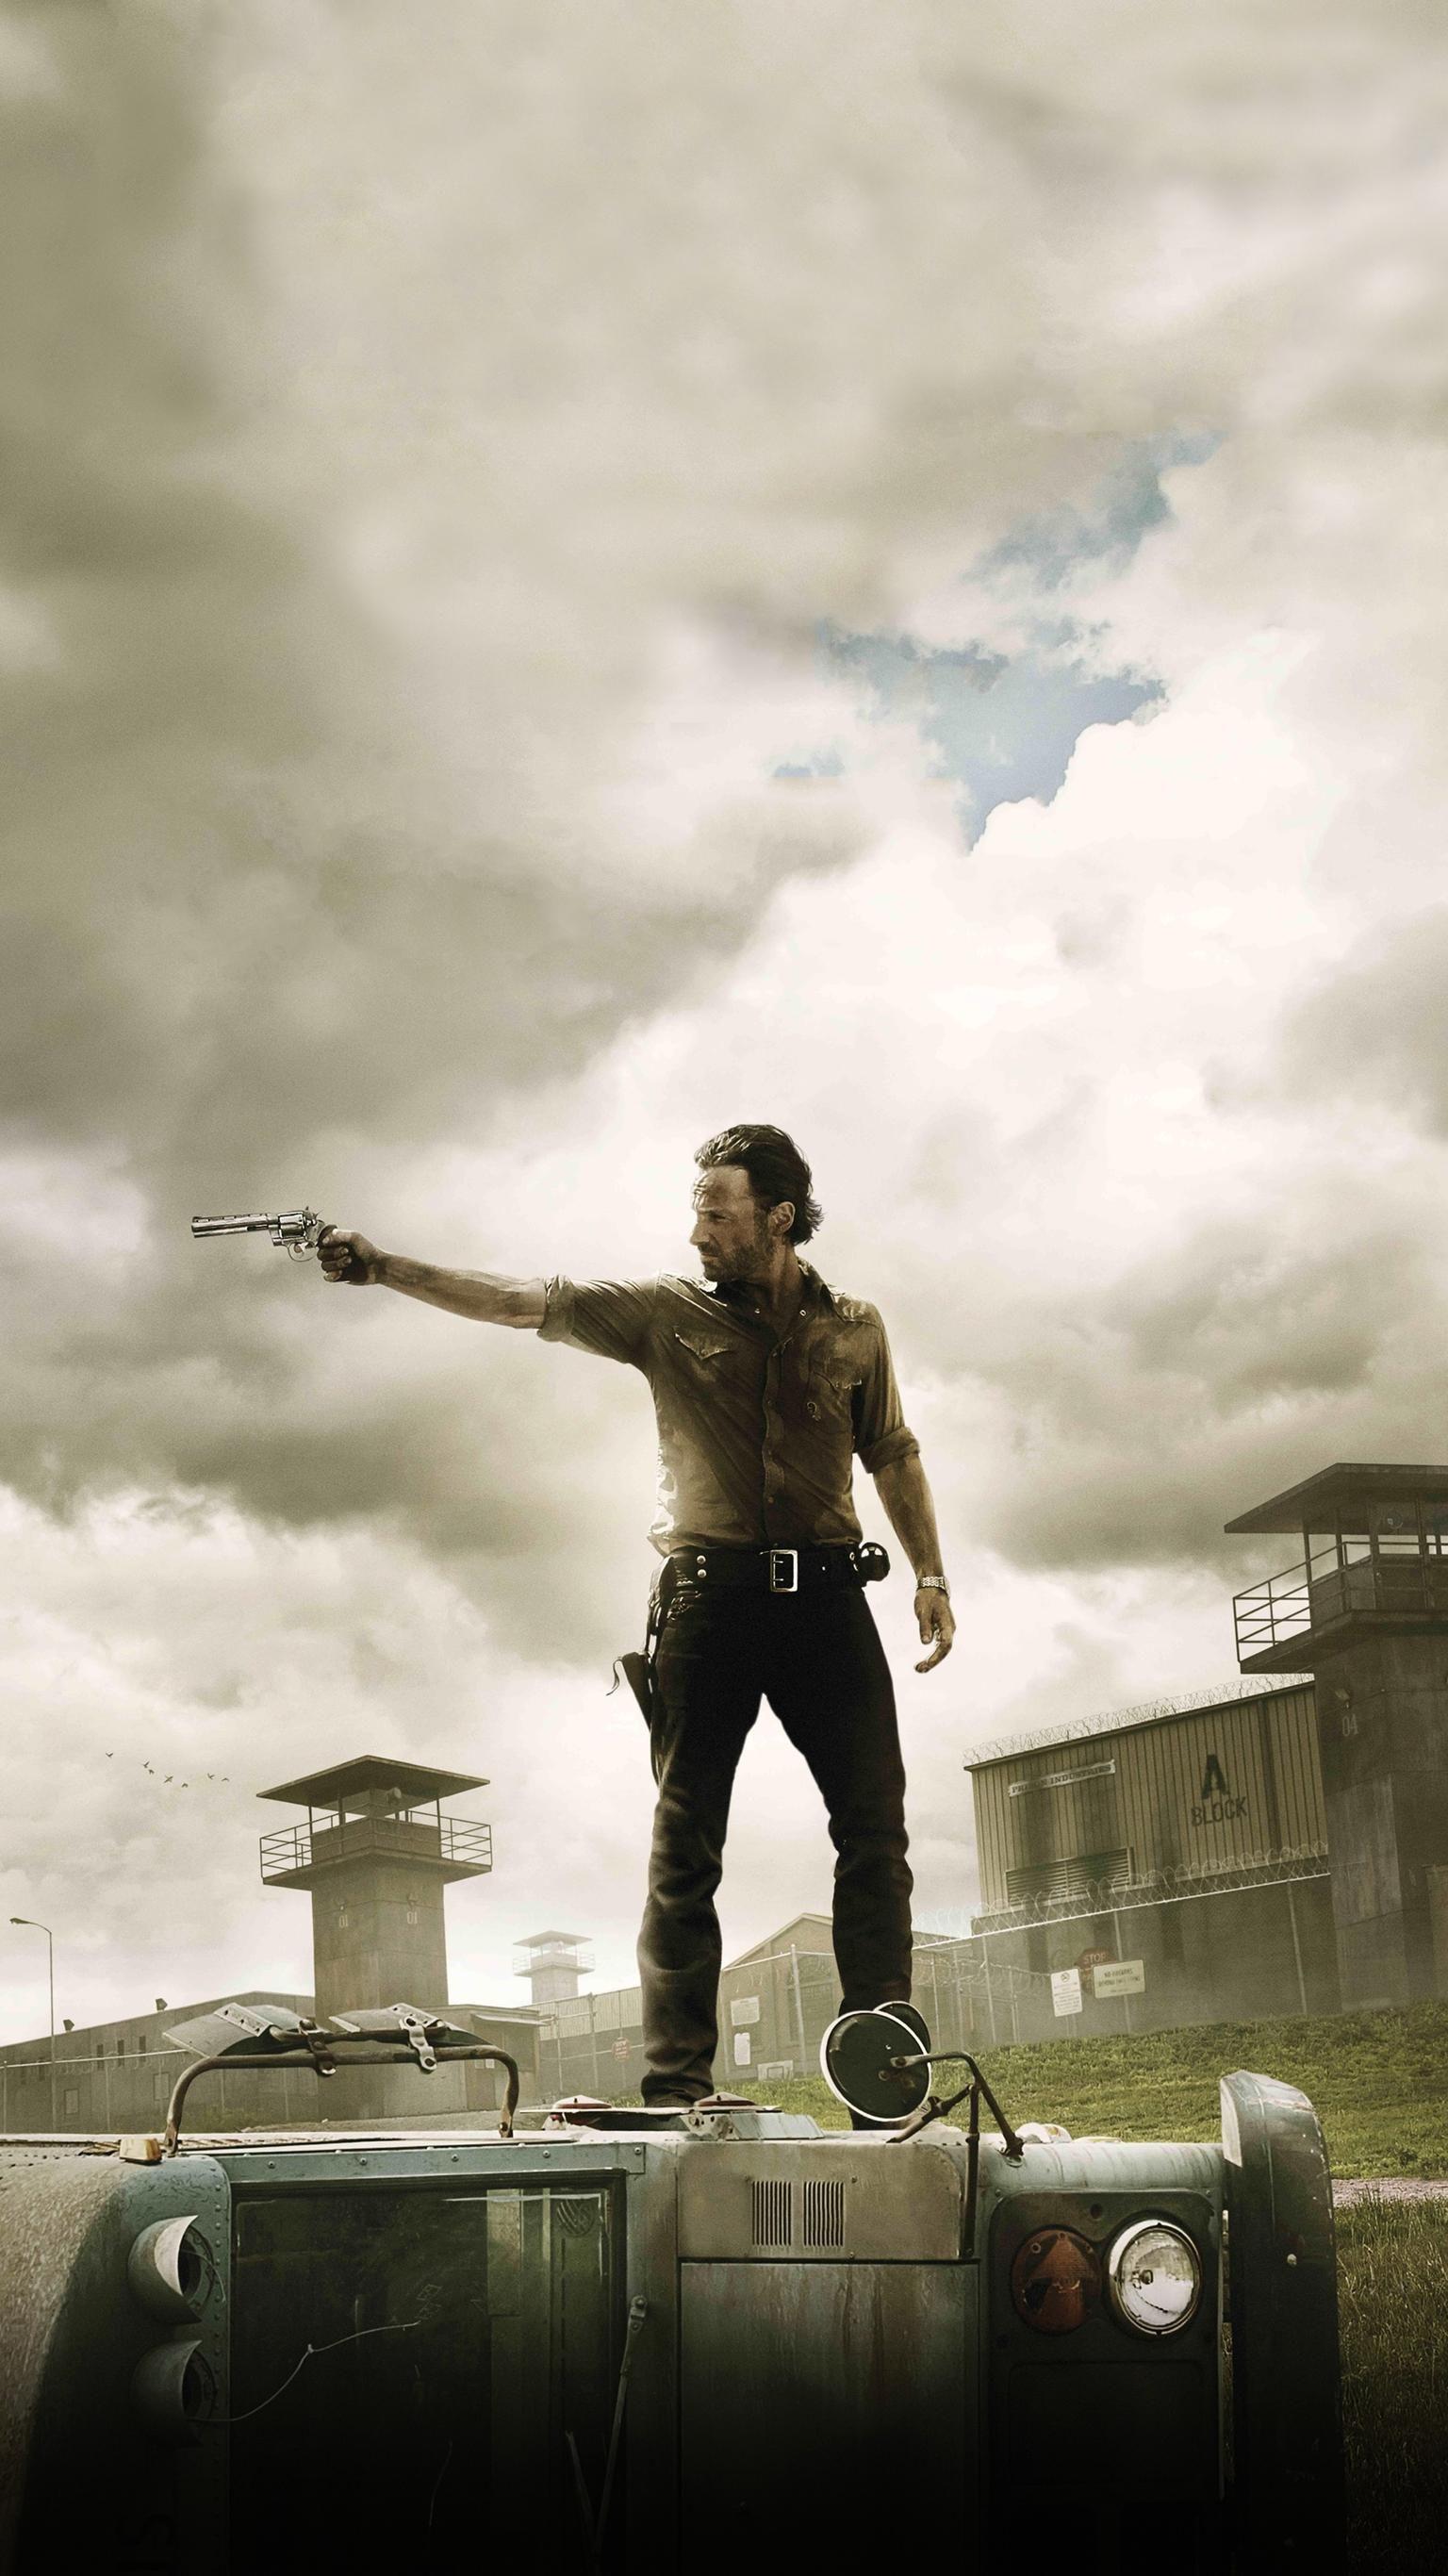 The Walking Dead Phone Wallpaper Walking Dead Wallpaper The